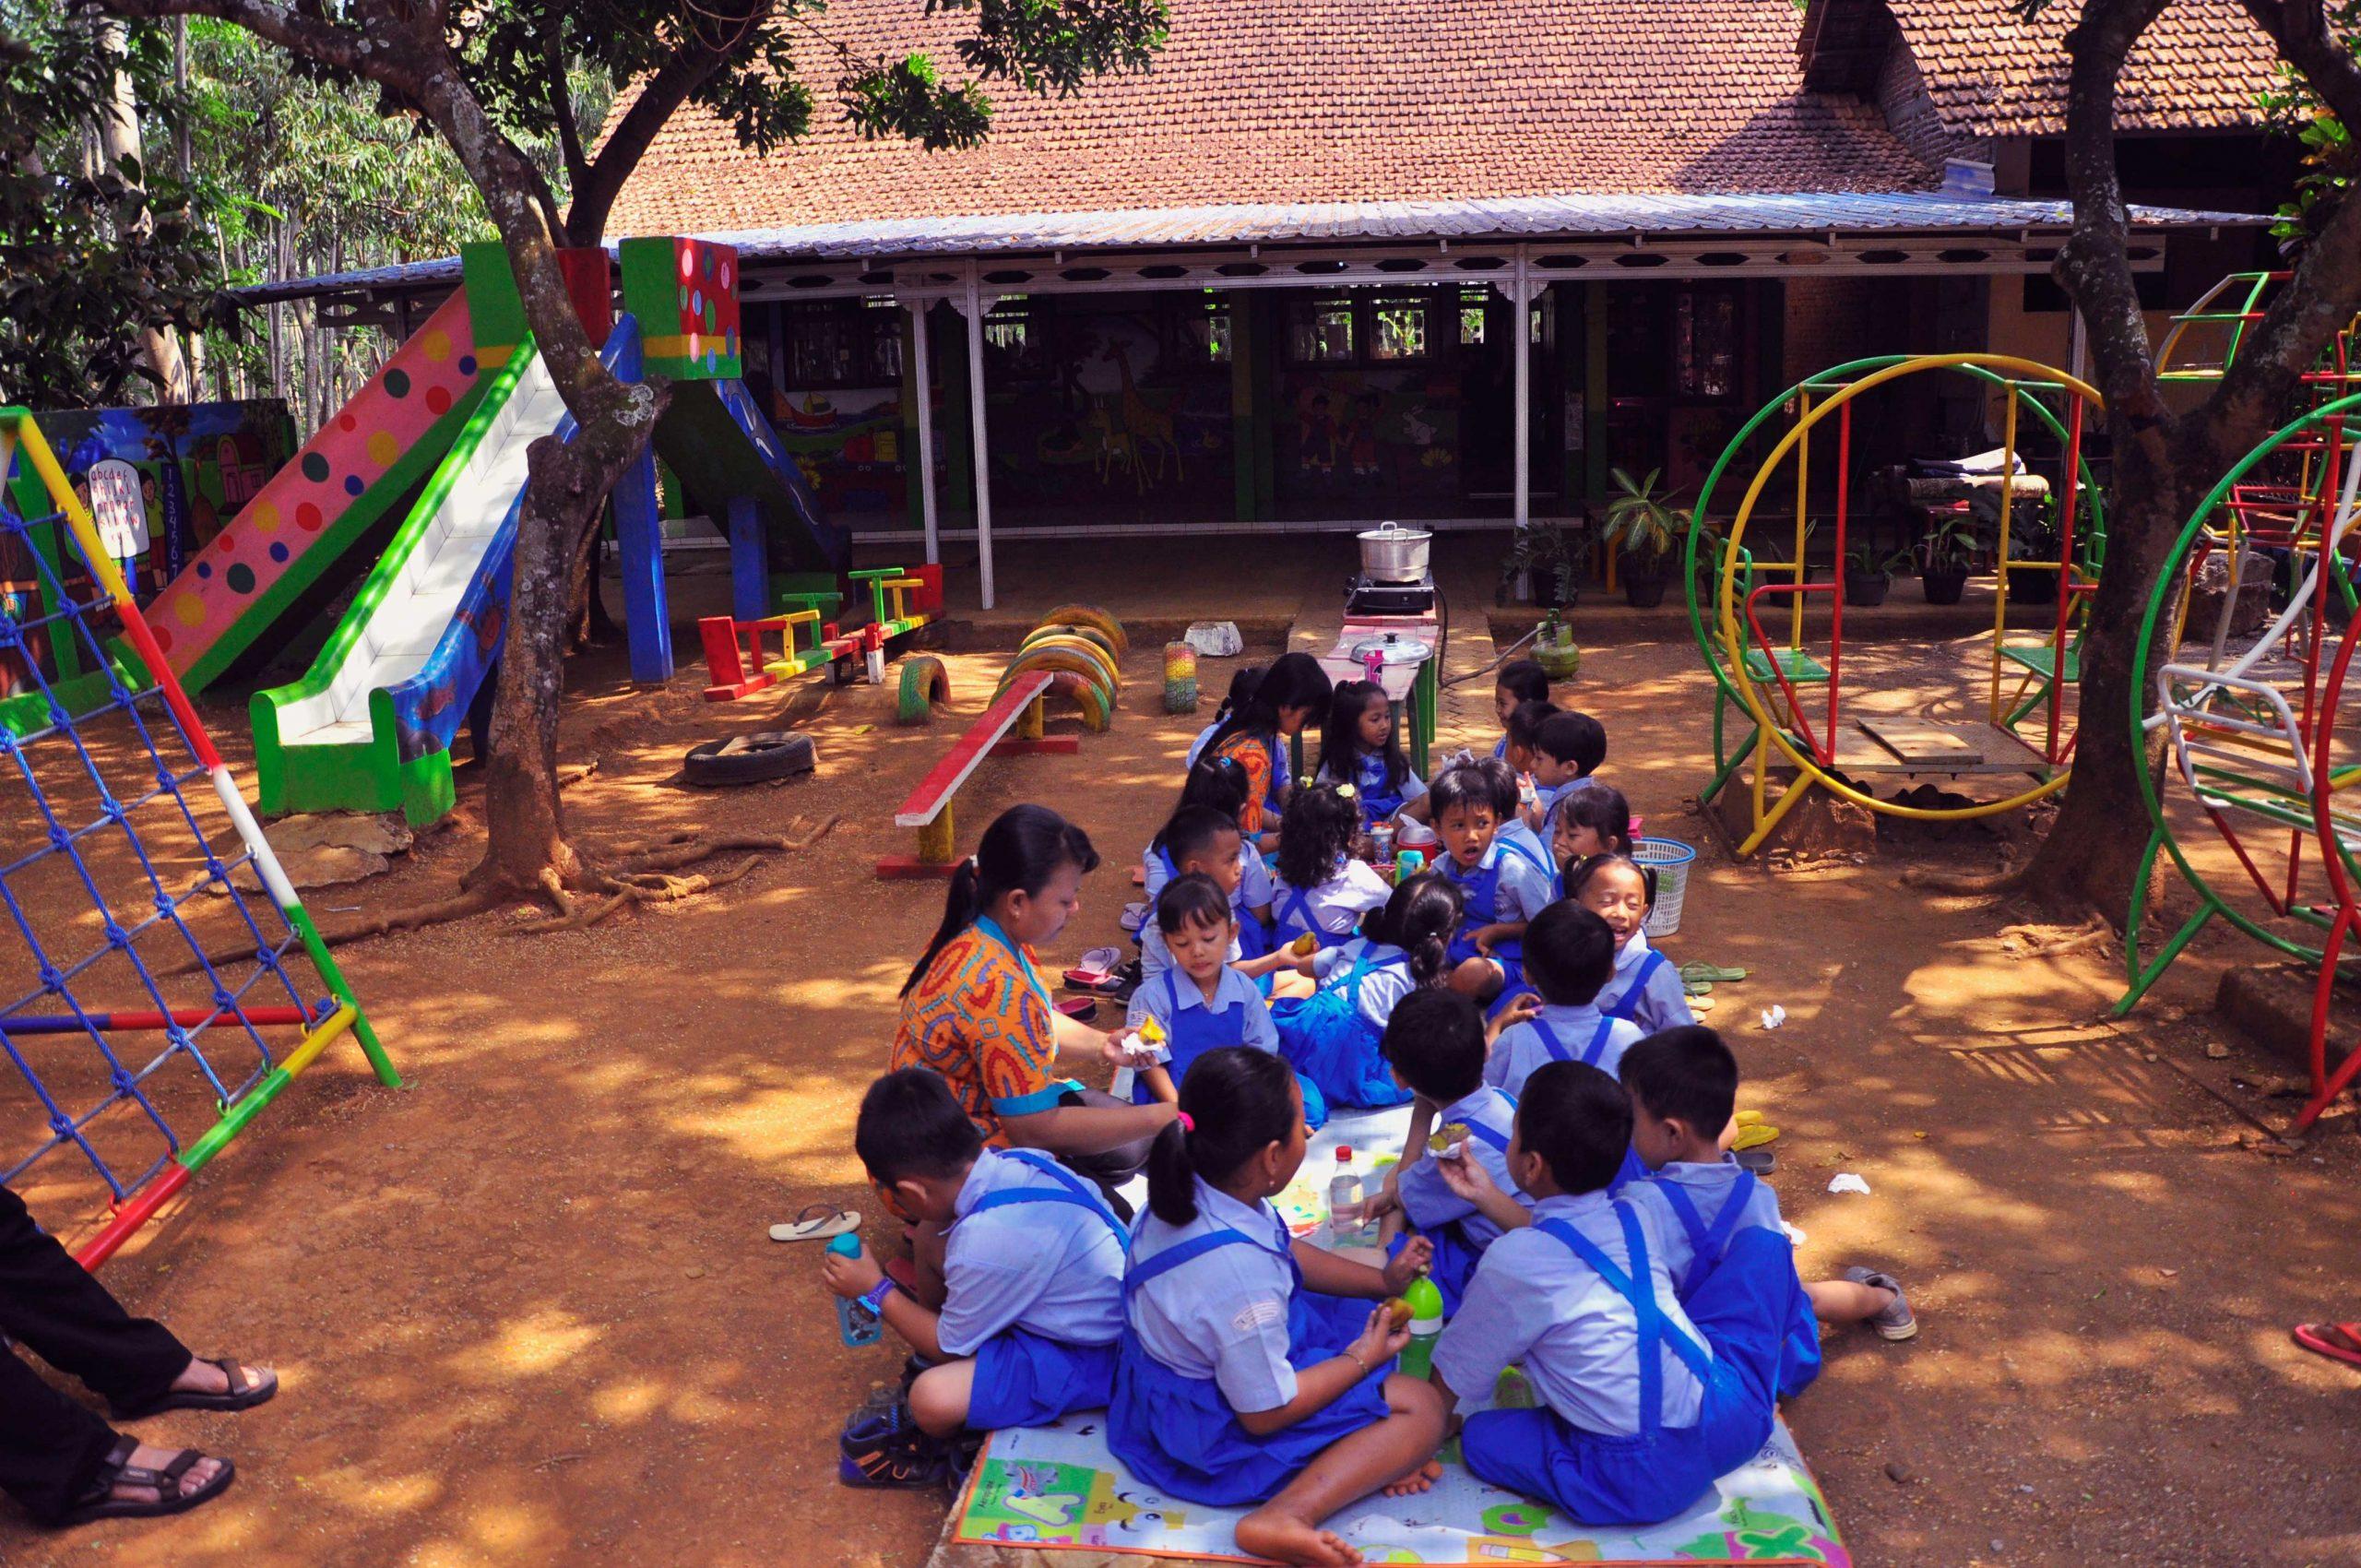 Ibu Guru bersama Anak murid di halaman TK, tak jauh dari Pantai Bondo di Jepara